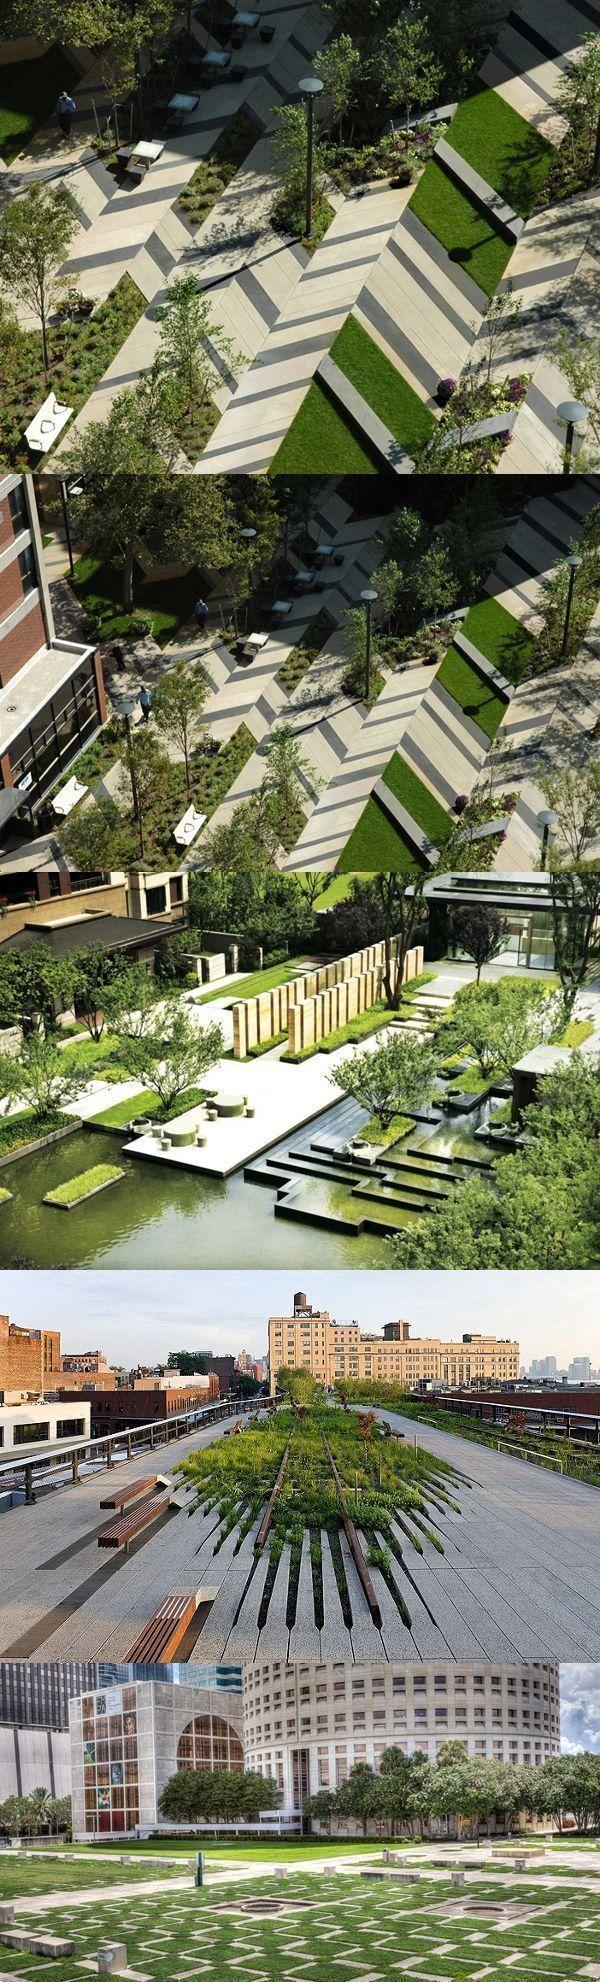 1327 best Landscape images on Pinterest   Landscape architecture ...